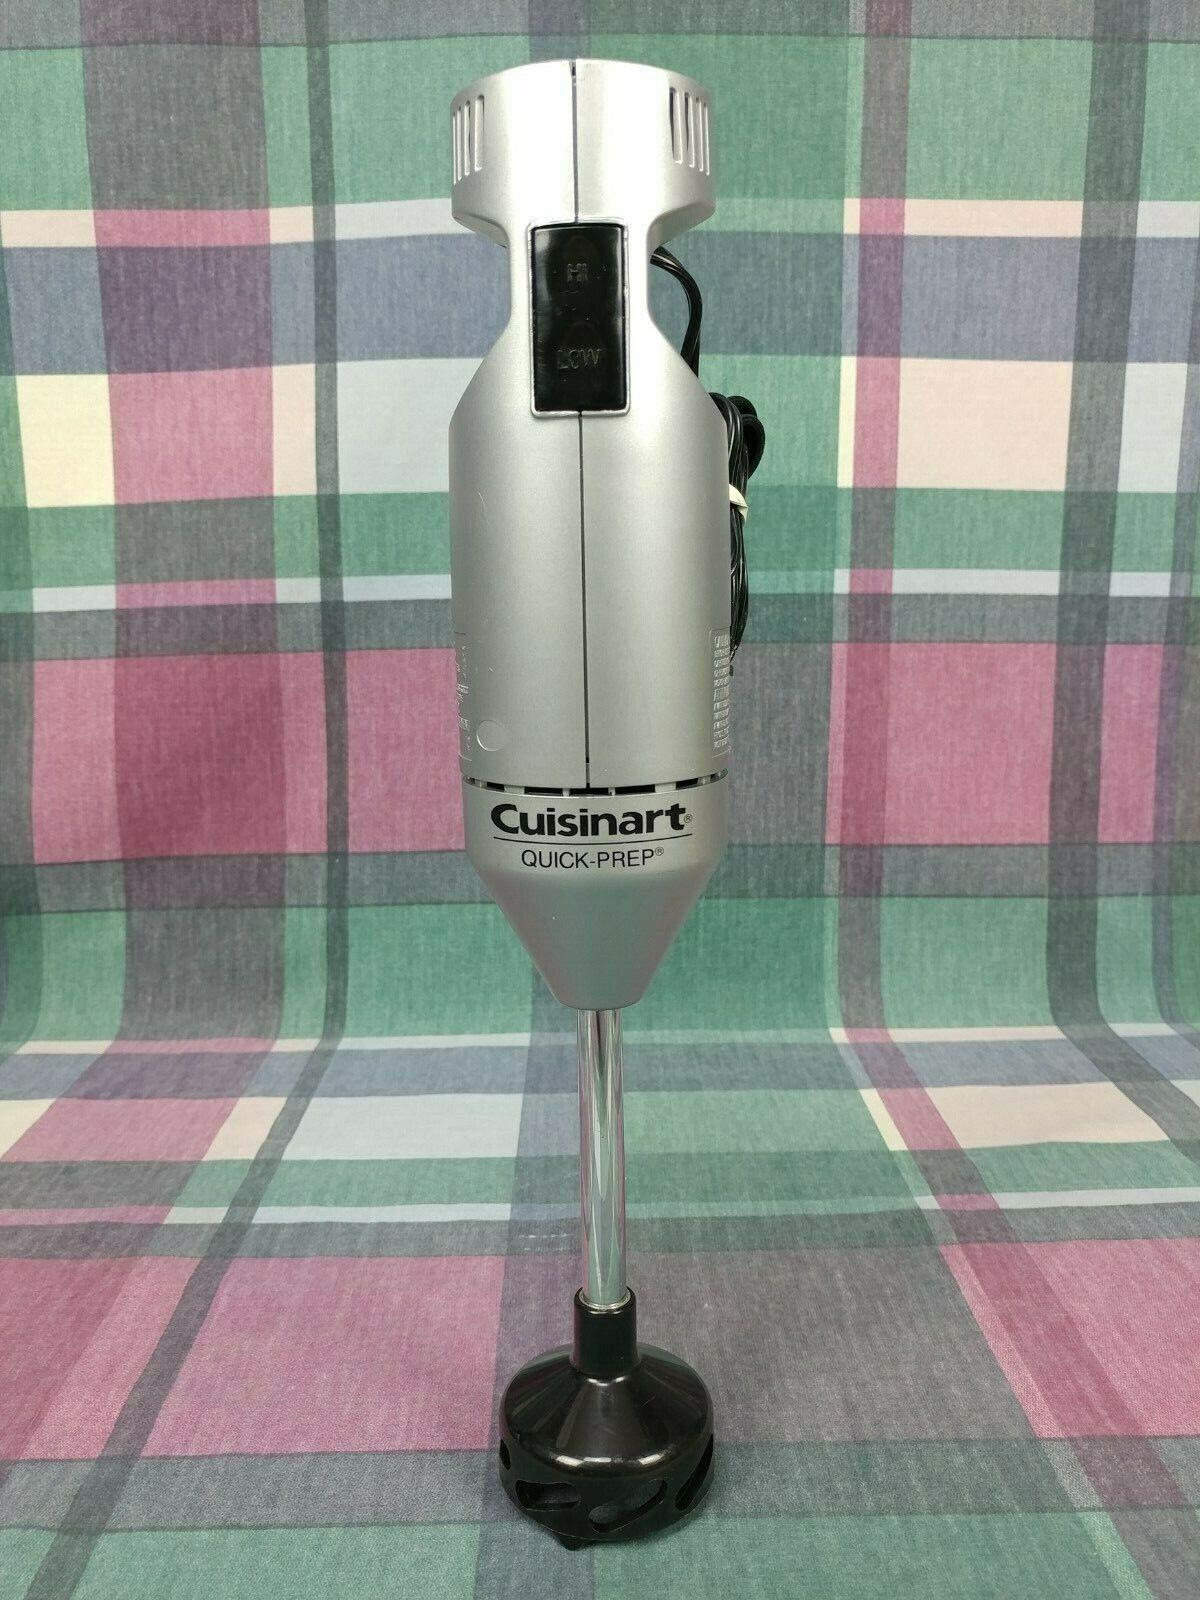 Cuisinart CSB800U Handheld Blender for